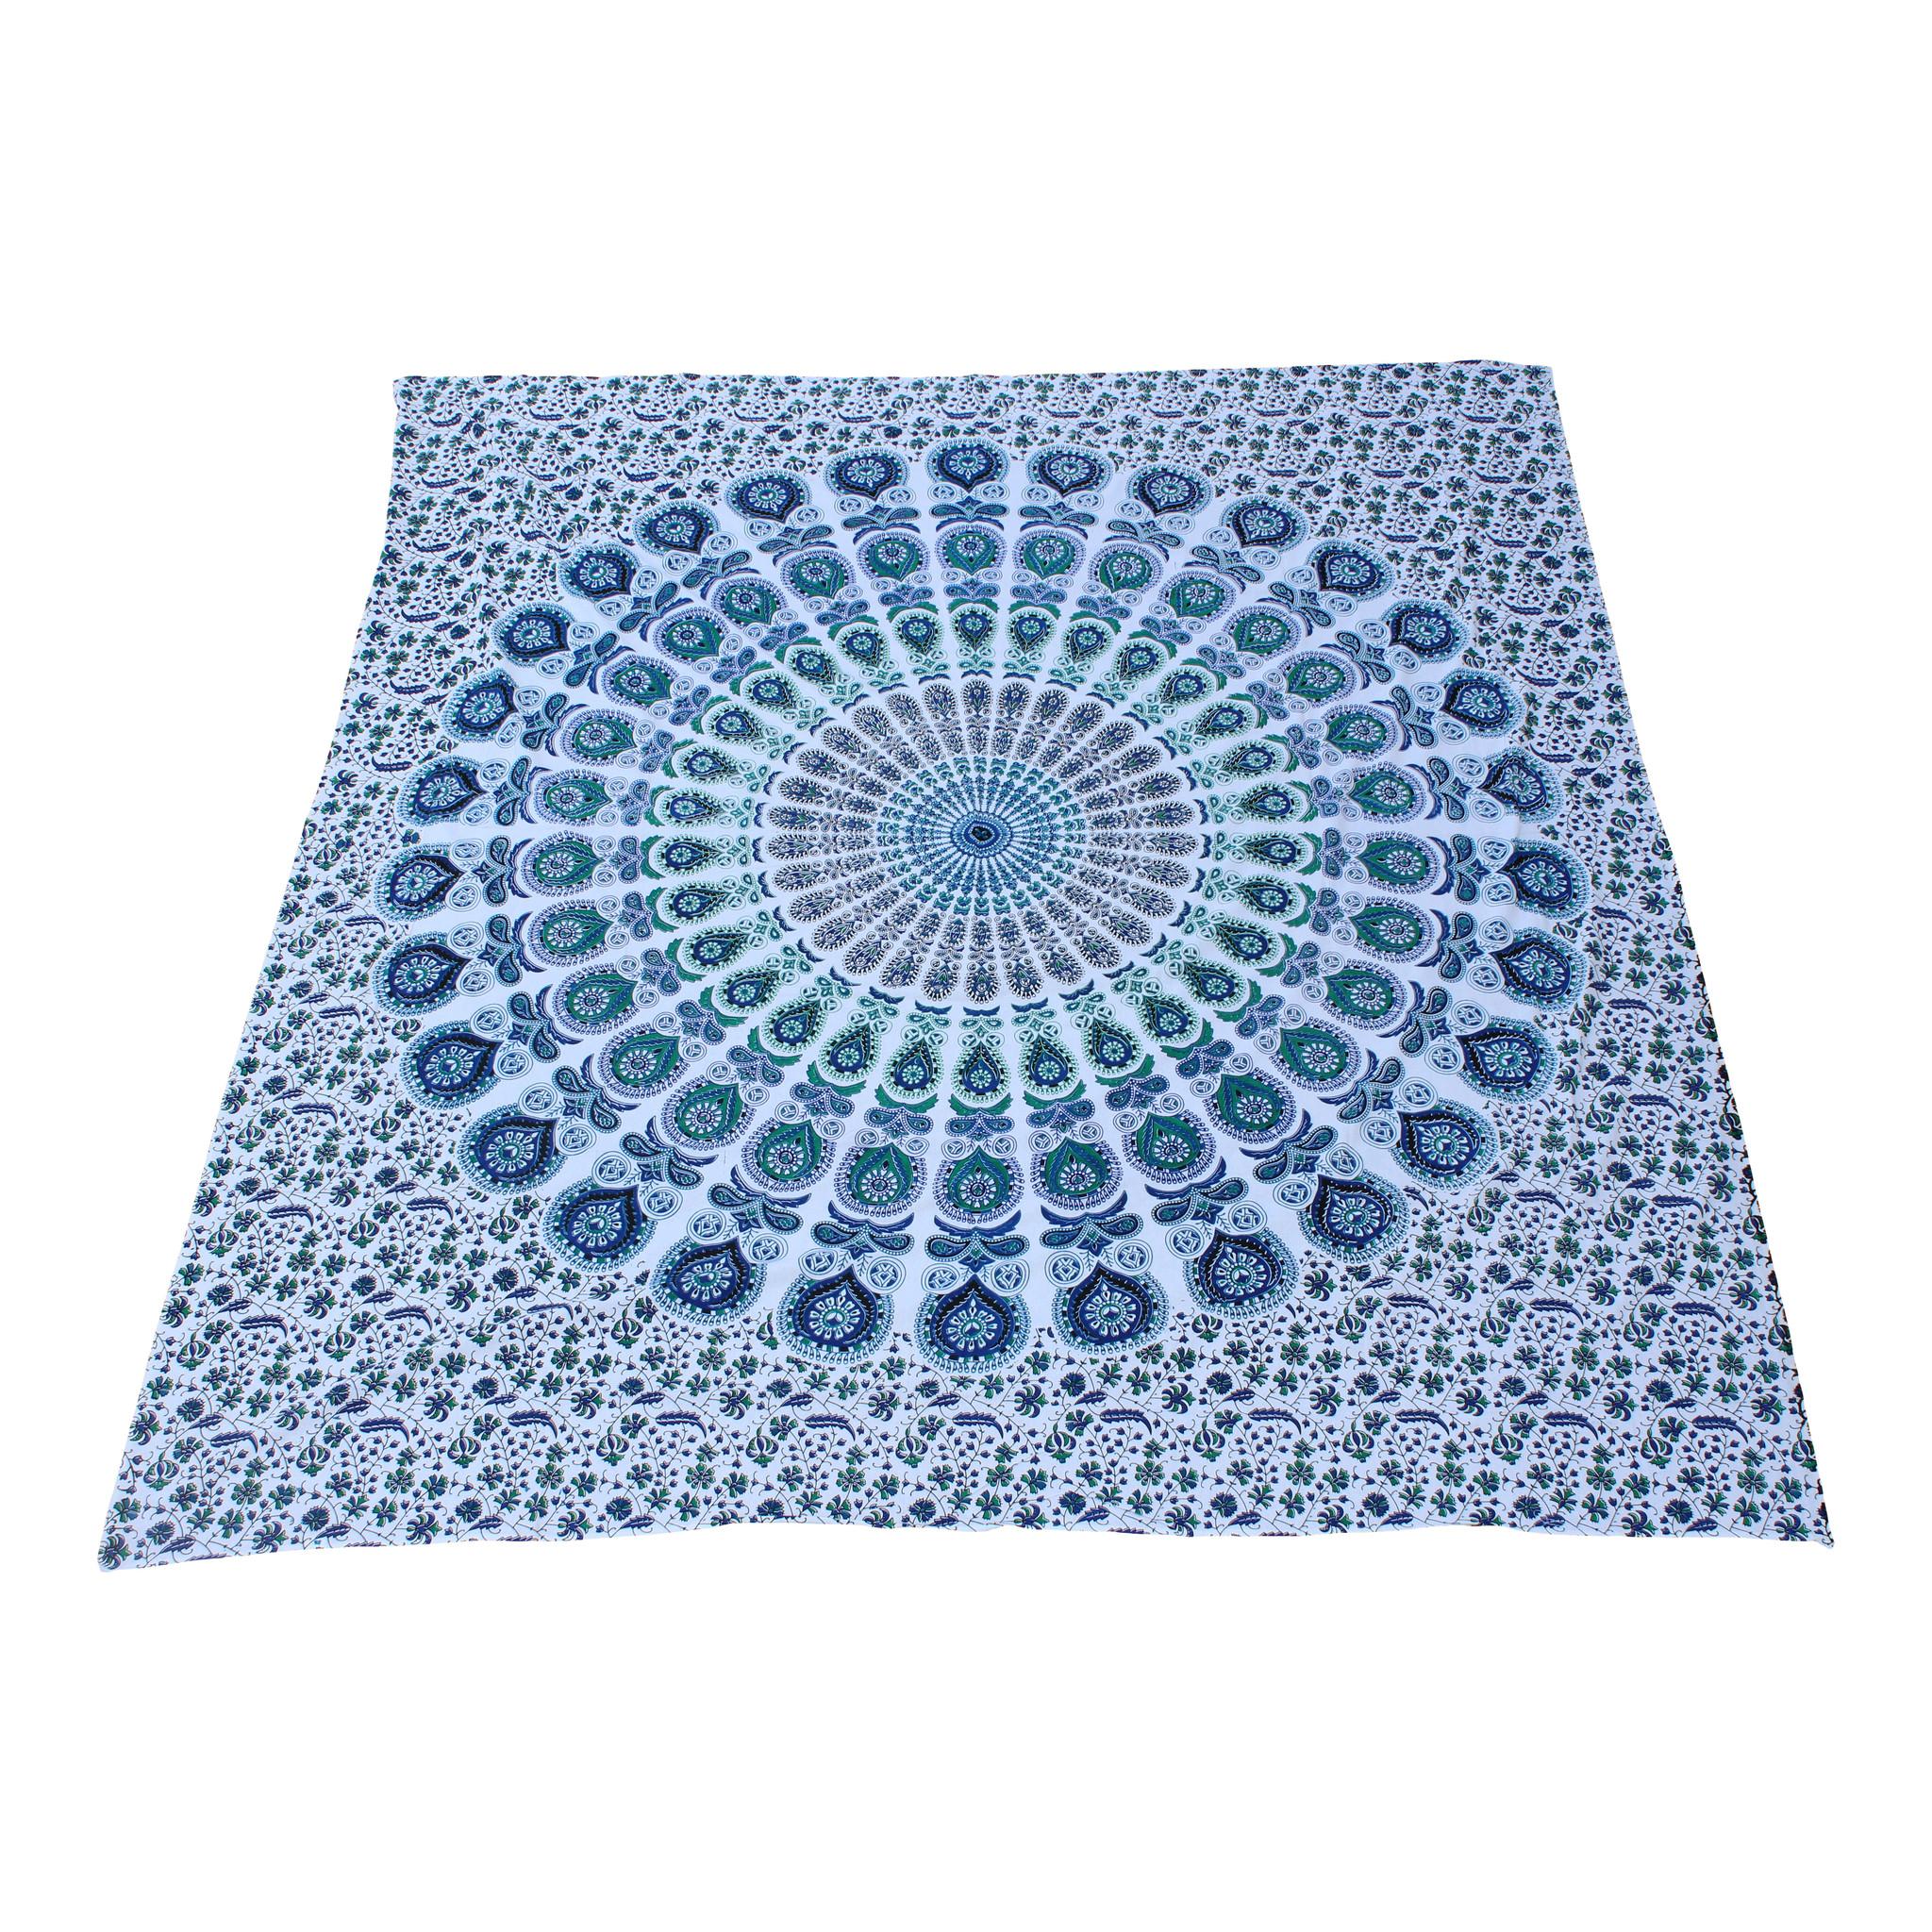 Myroundie Myroundie - roundie - vierkant strandlaken XL – yoga kleed- speelkleed - picknickkleed -100% katoen – Q16